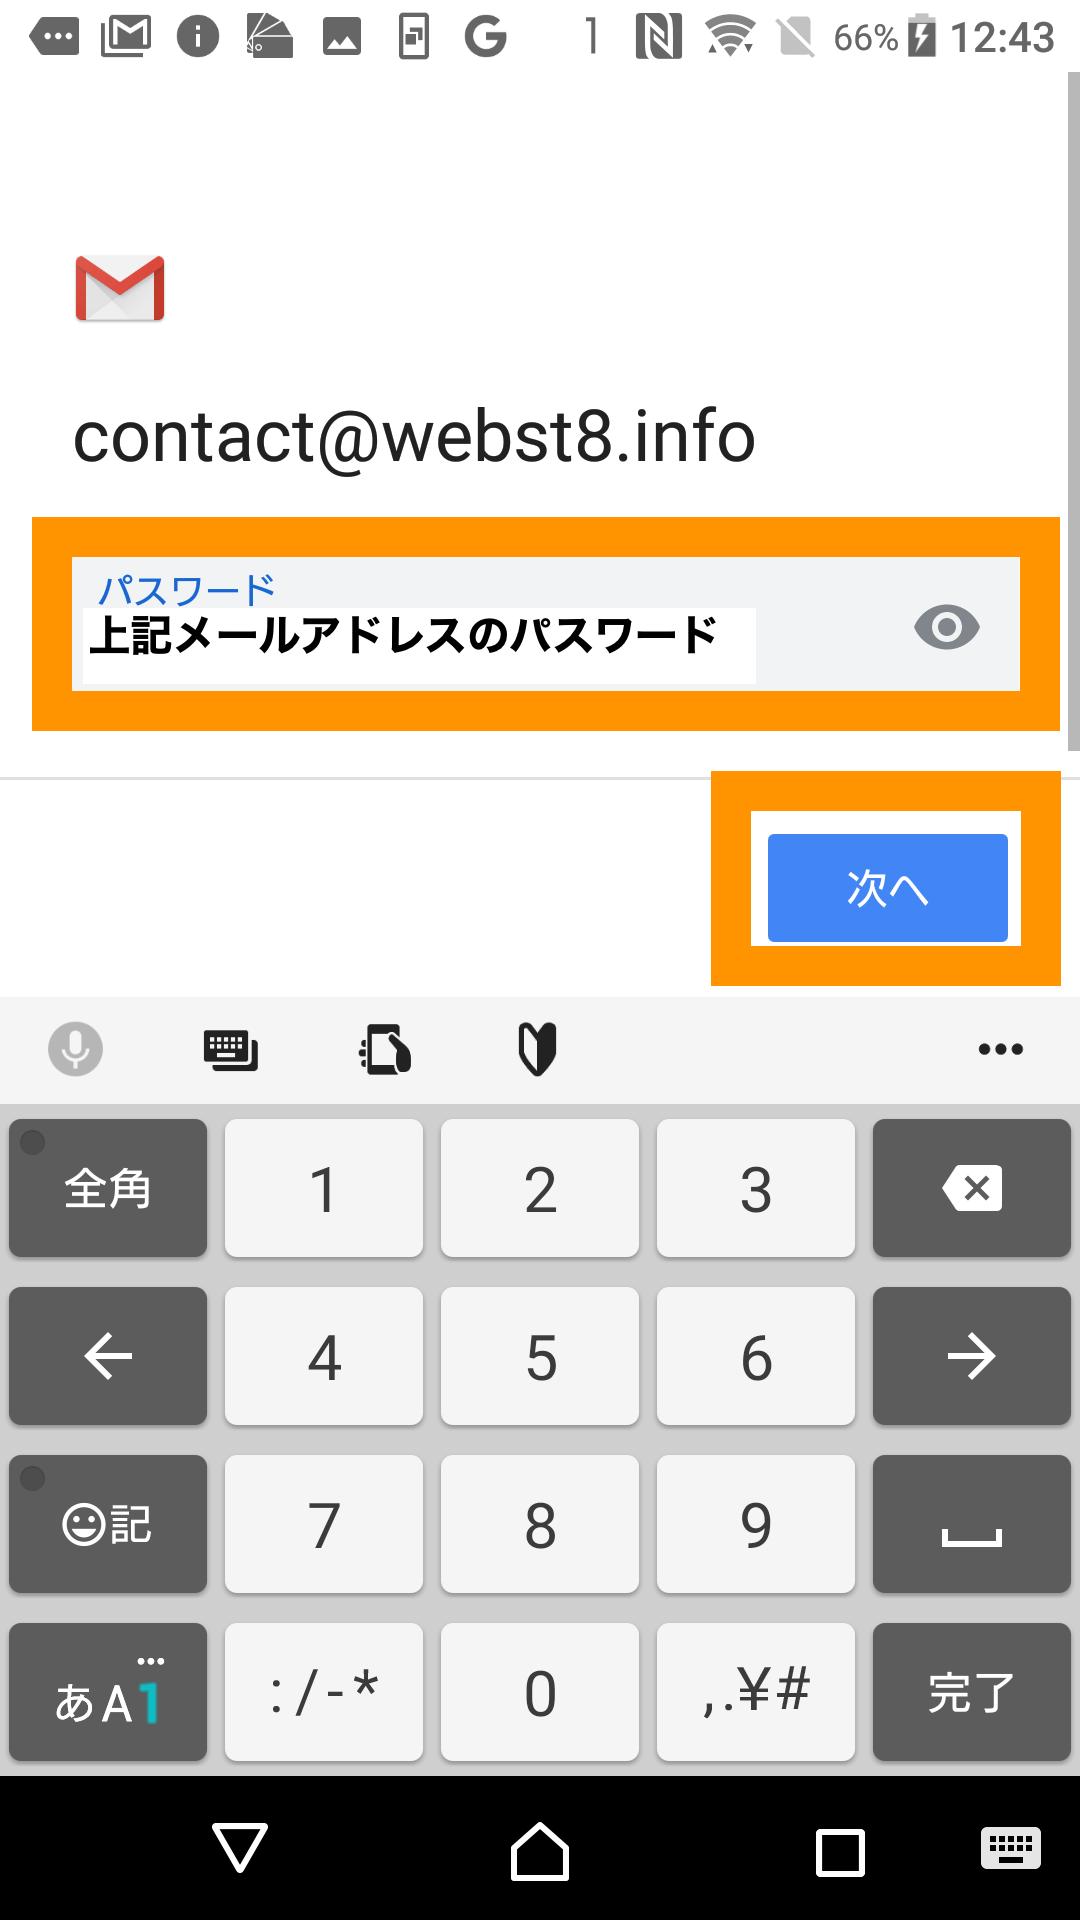 Android Gmail 上記メールアドレスのパスワードを入力